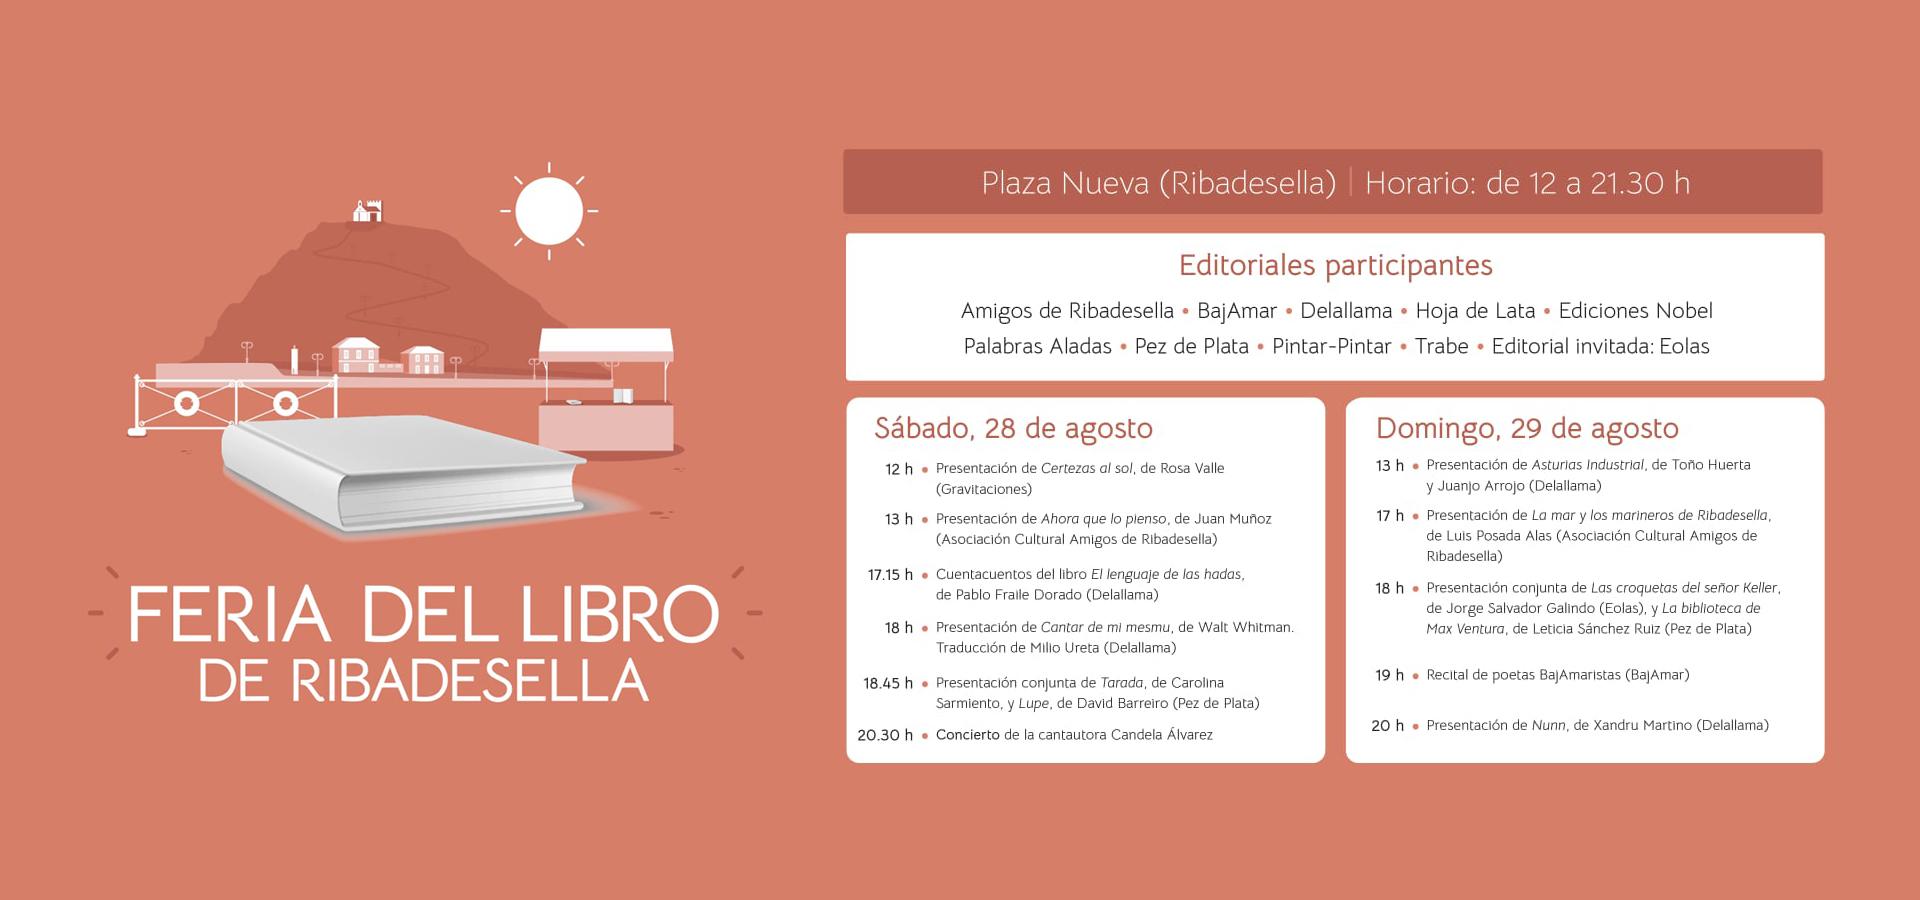 Feria-Ribadesella-2021